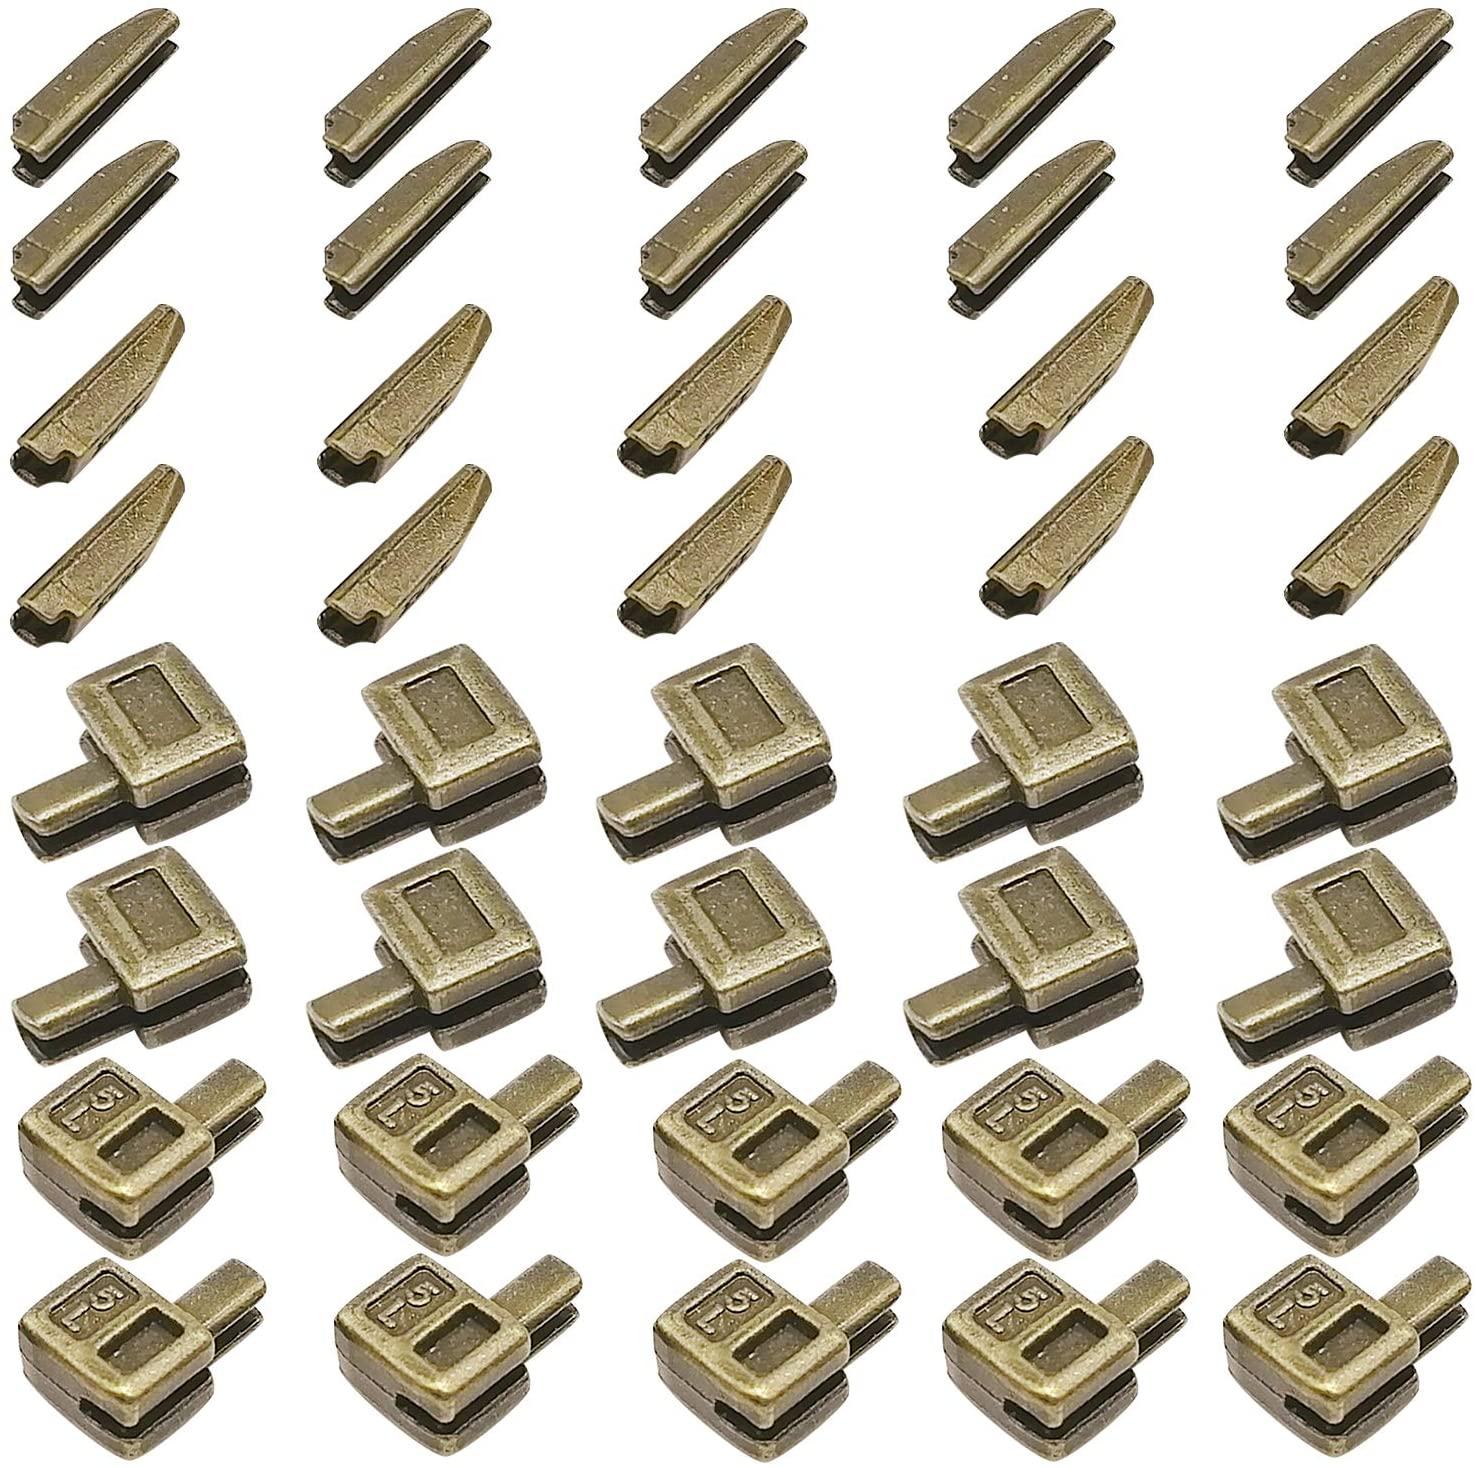 20 Sets Size 5 Metal Zipper Latch Slider Retainer Insertion Pin Zipper Bottom Zipper Stopper for Metal Zipper Repair (Bronze)